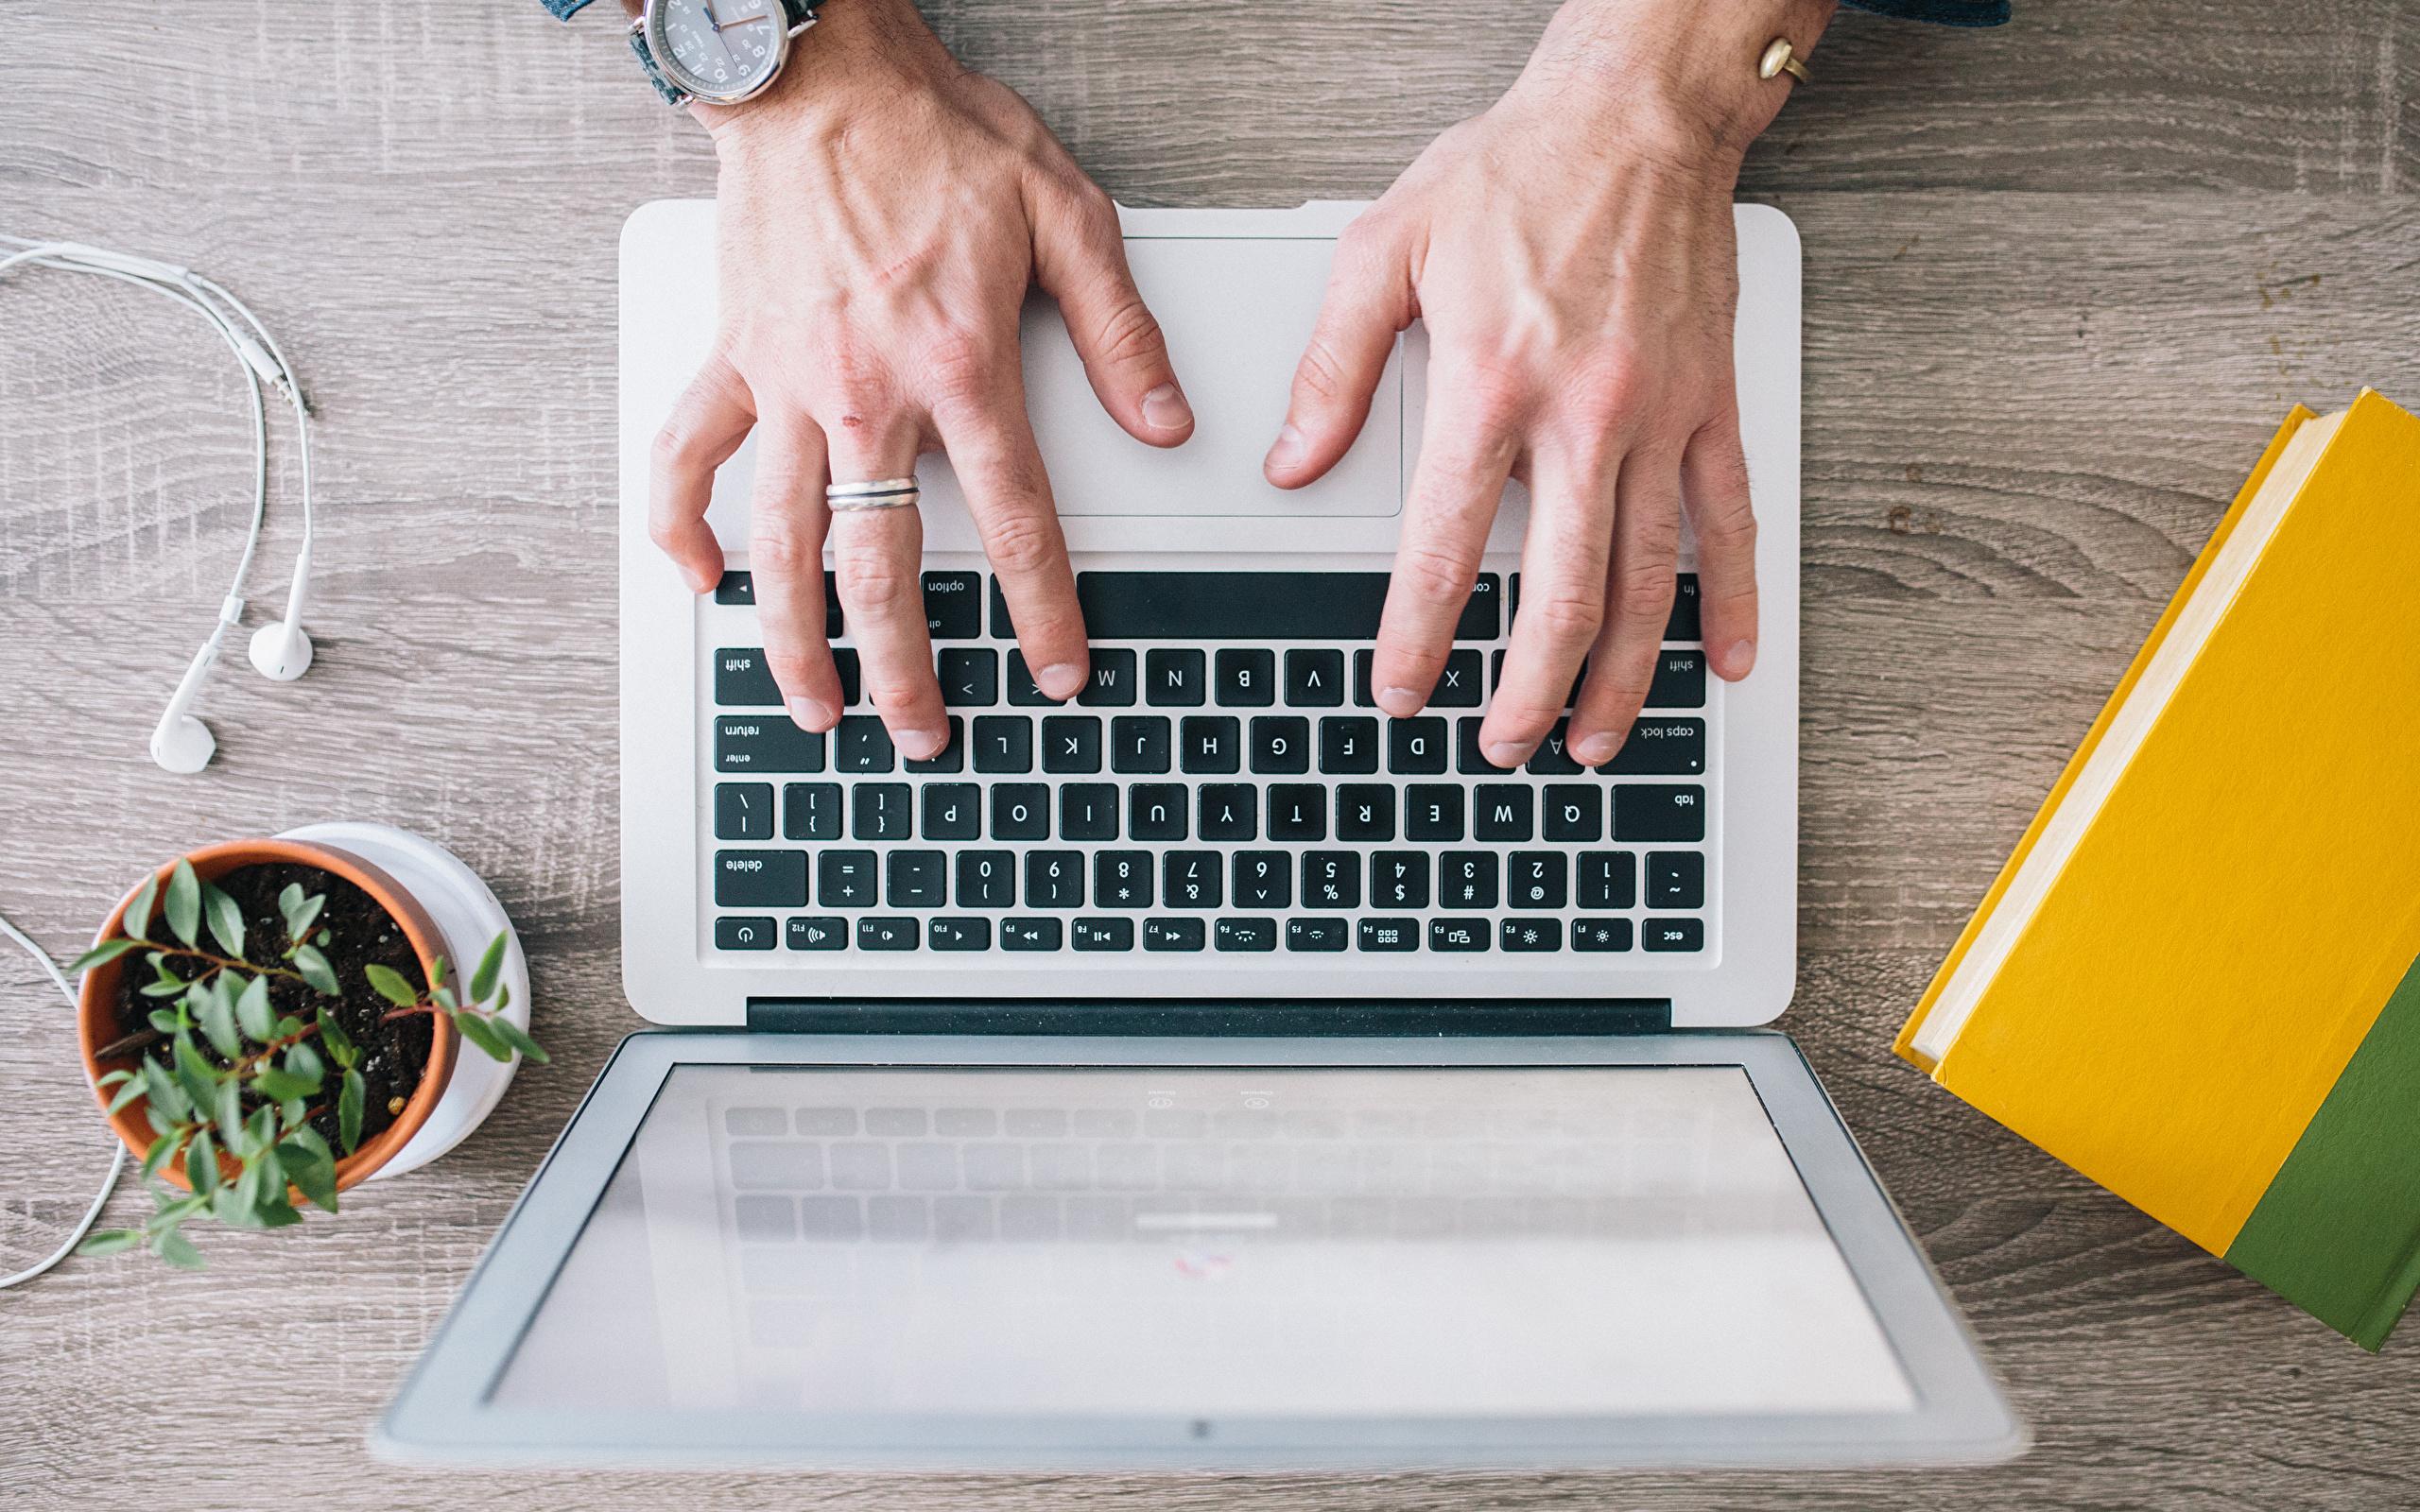 Laptops_Hands